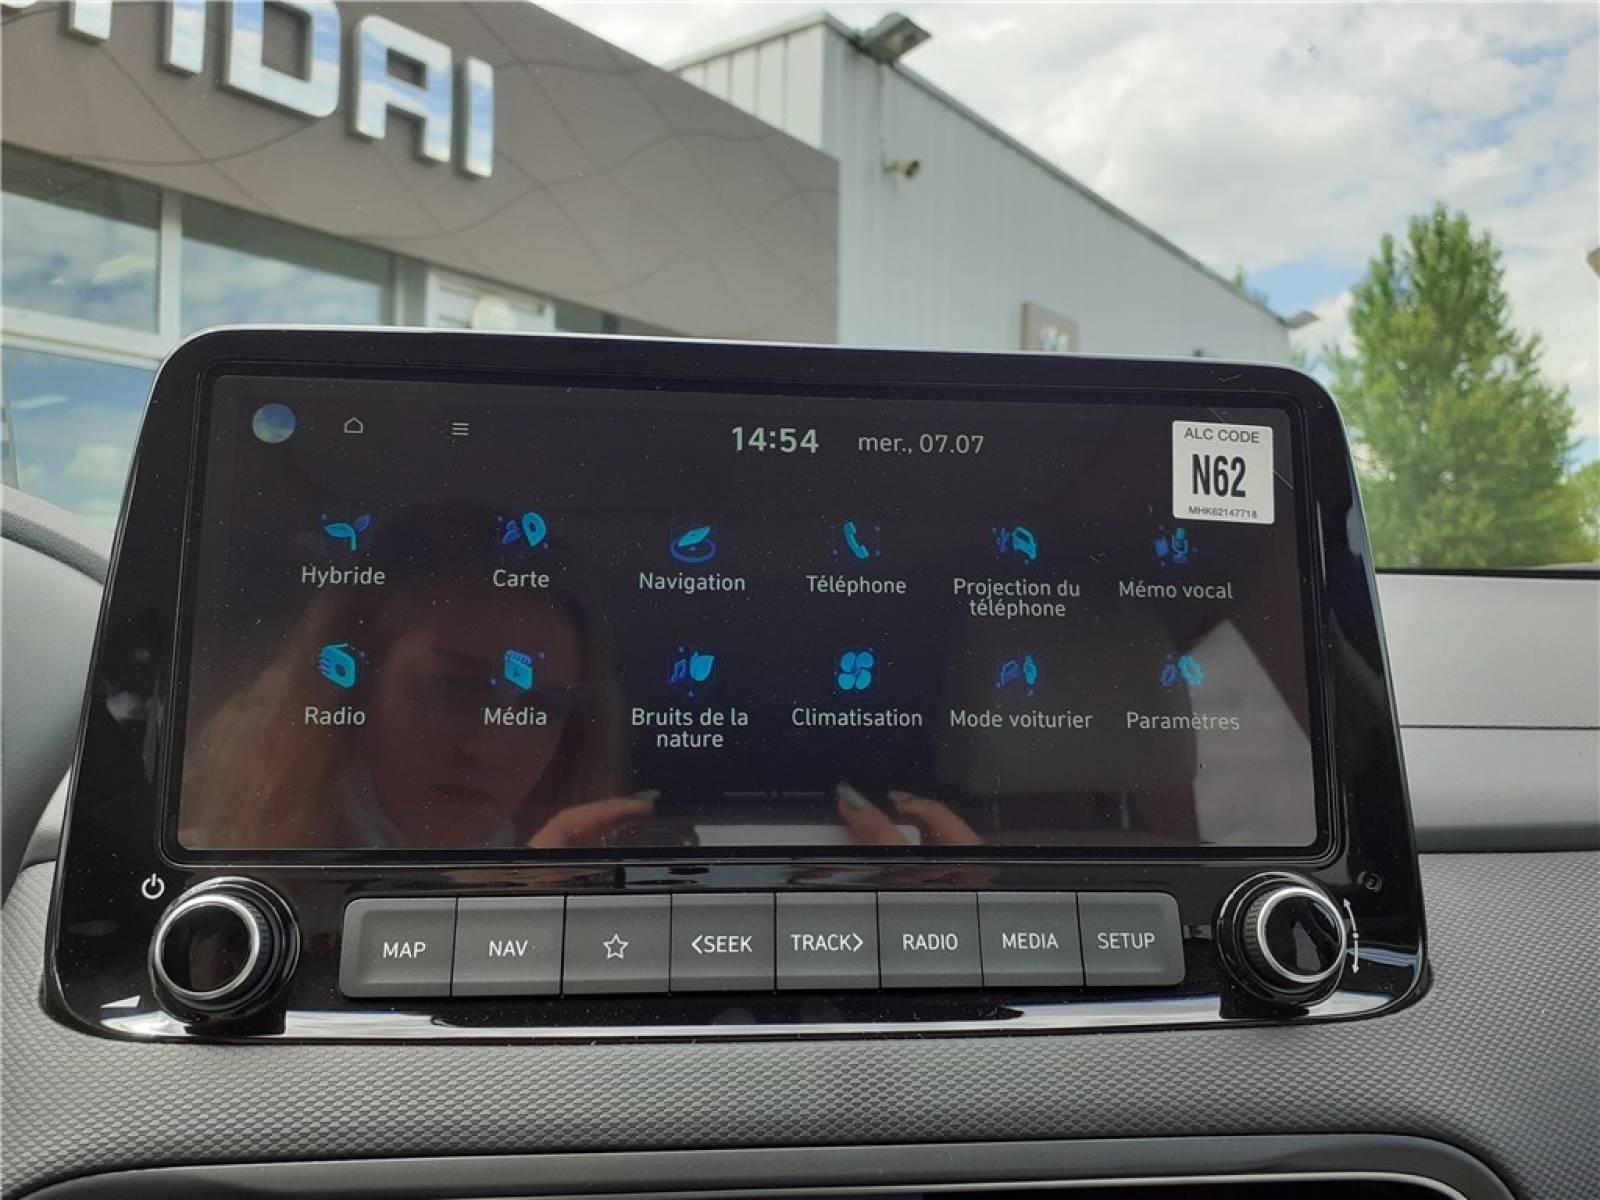 HYUNDAI Kona Hybrid 141 - véhicule d'occasion - Groupe Guillet - Hyundai - Zenith Motors – Montceau-les-Mines - 71300 - Montceau-les-Mines - 31